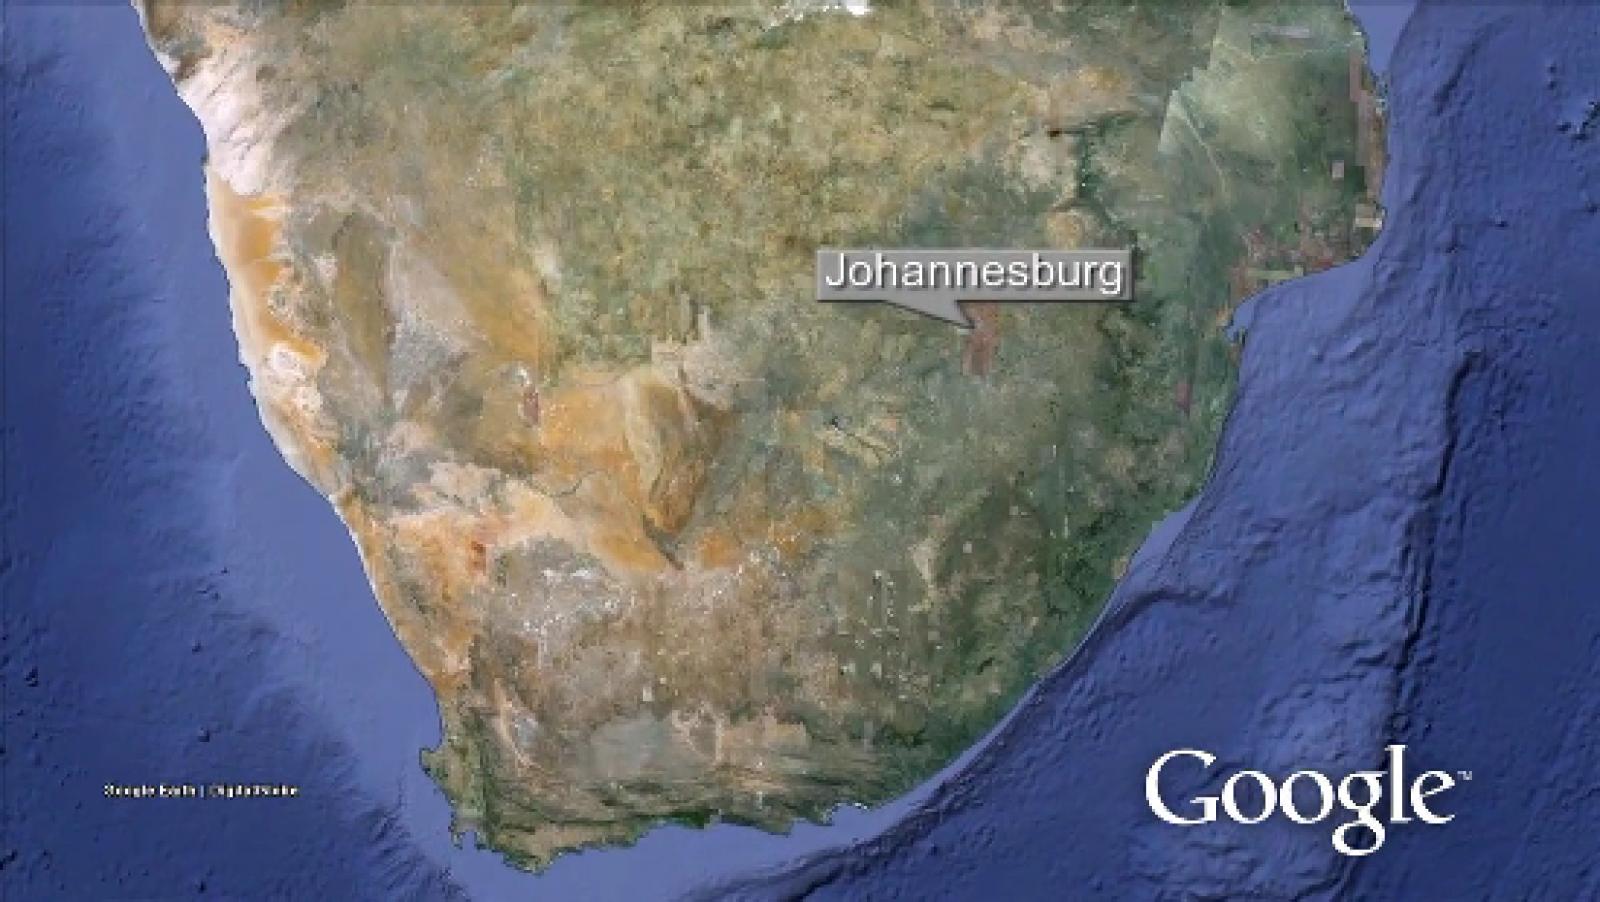 Científicos de la Universidad de Witswatersrand han dado a conocer en la revista Science un nuevo descubrimiento fósil de un homínido hallado en Sudáfrica. A. sediba tiene la cabeza y el tamaño cerebral de un australopiteco, pero también tiene rasgo